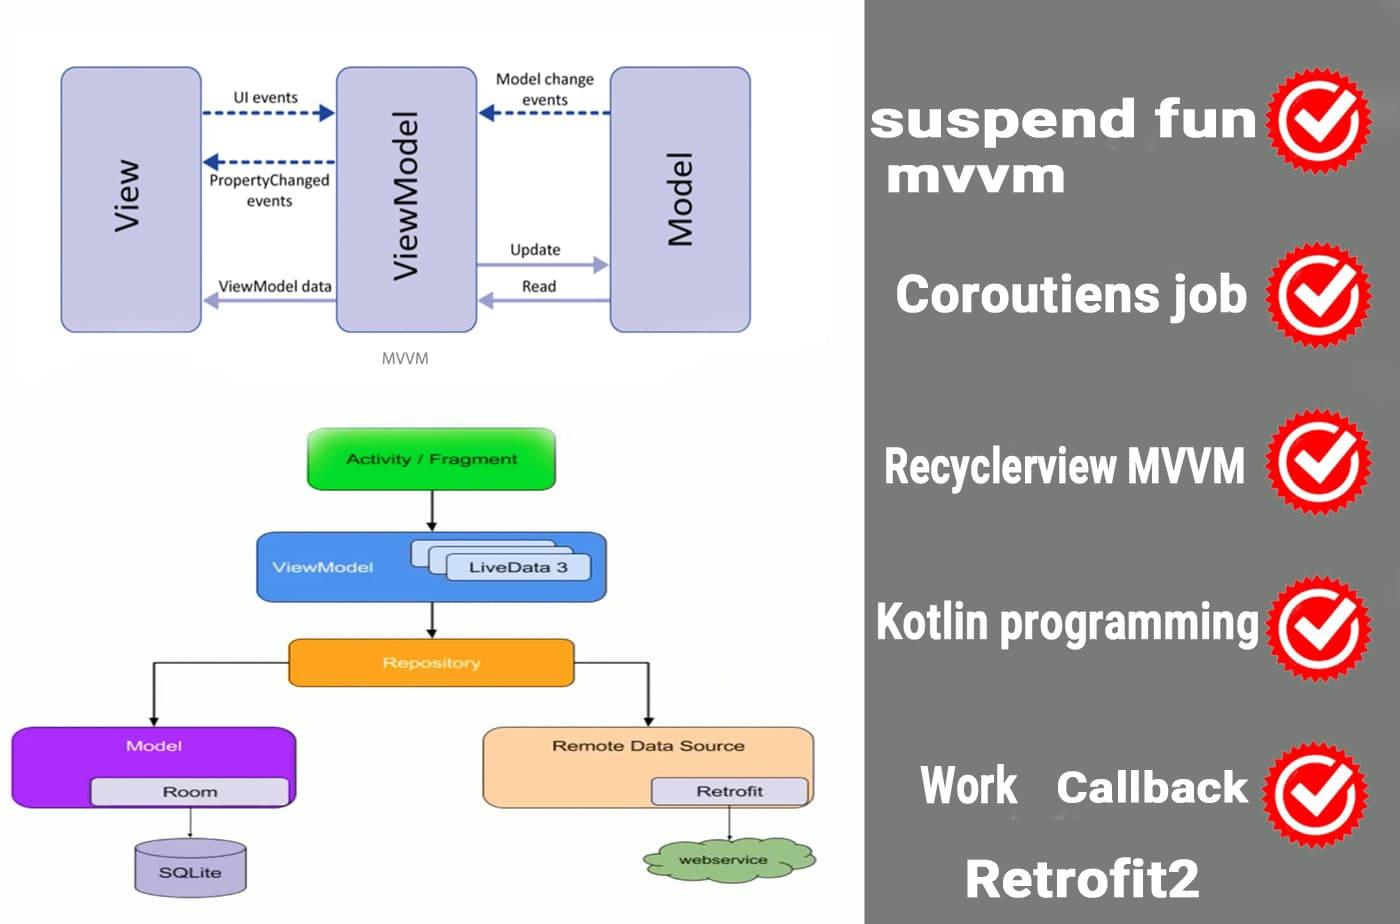 آموزش معماری MVVM در اندروید استودیو فصل دوم